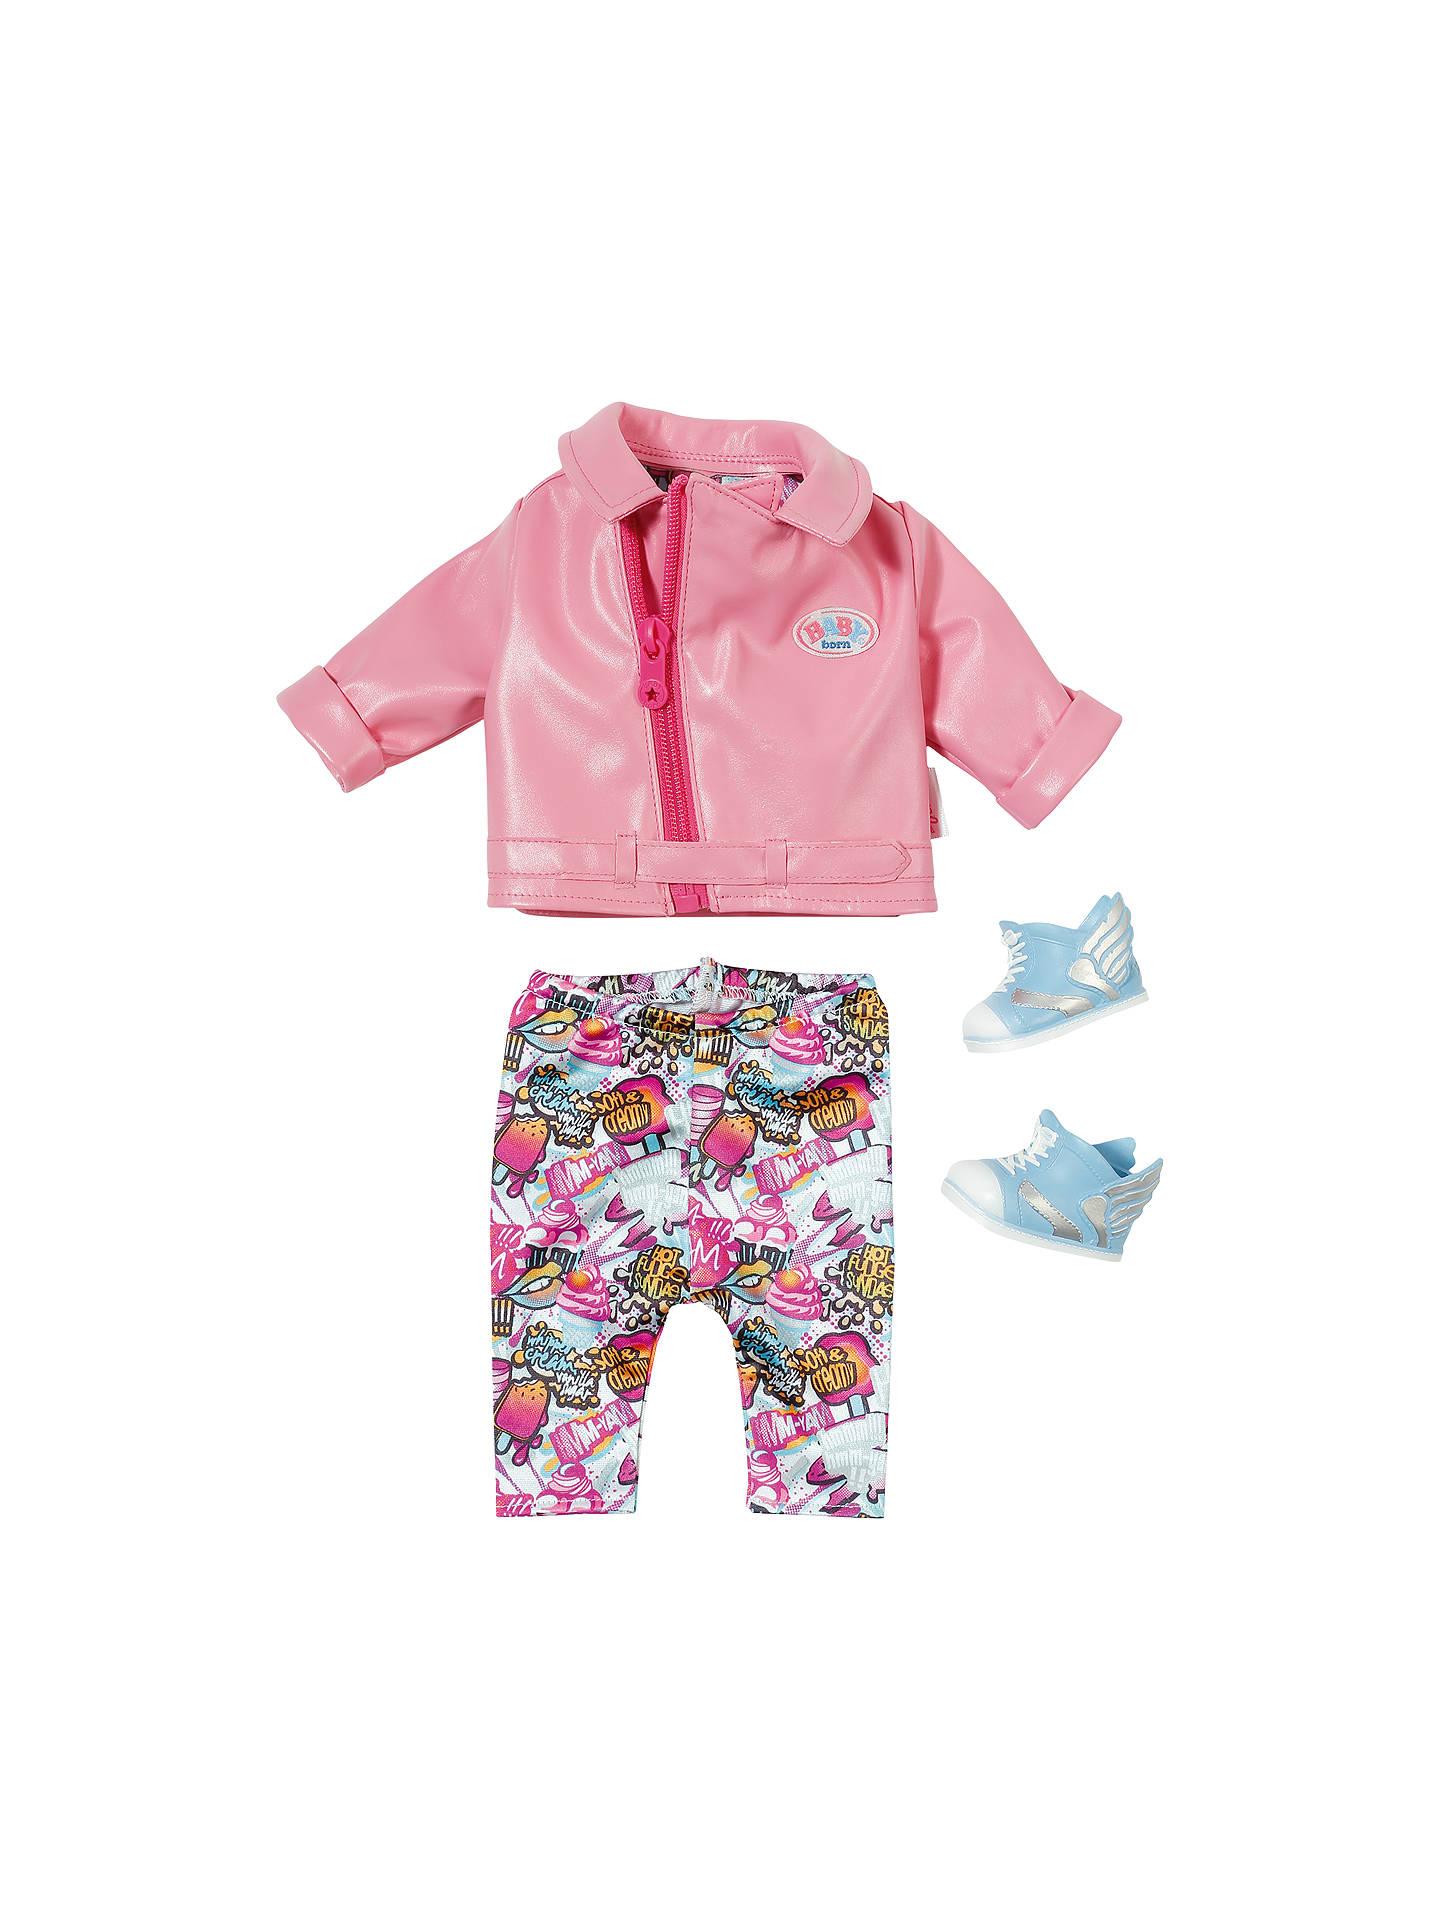 Puppen & Zubehör Zapf BABY born® Deluxe Starter Set Kleidung & Accessoires